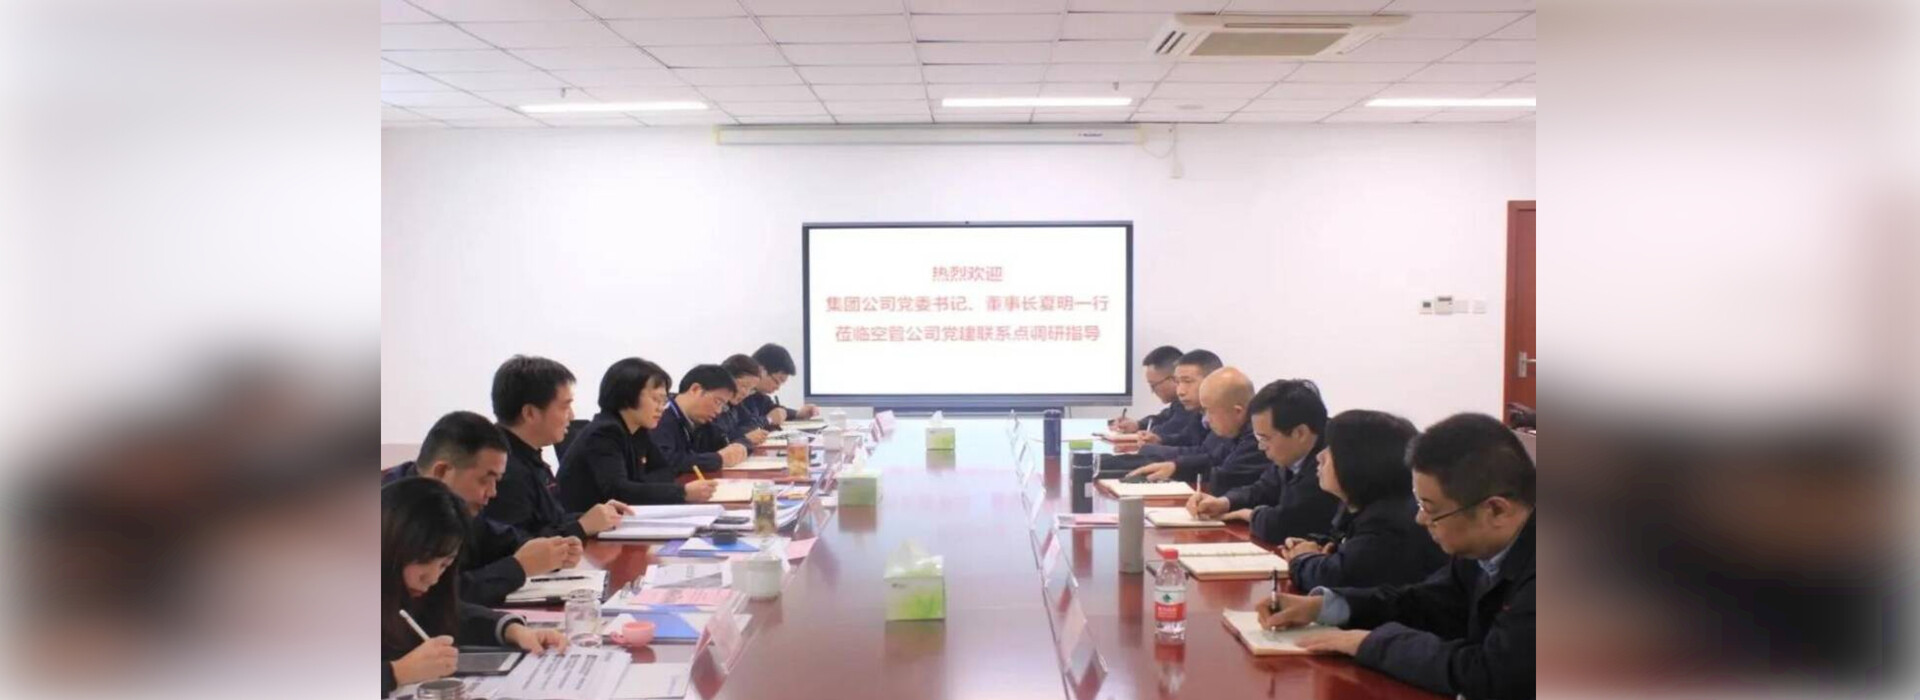 九洲集团党委书记、董事长夏明到党建联系点 空管公司调研指导